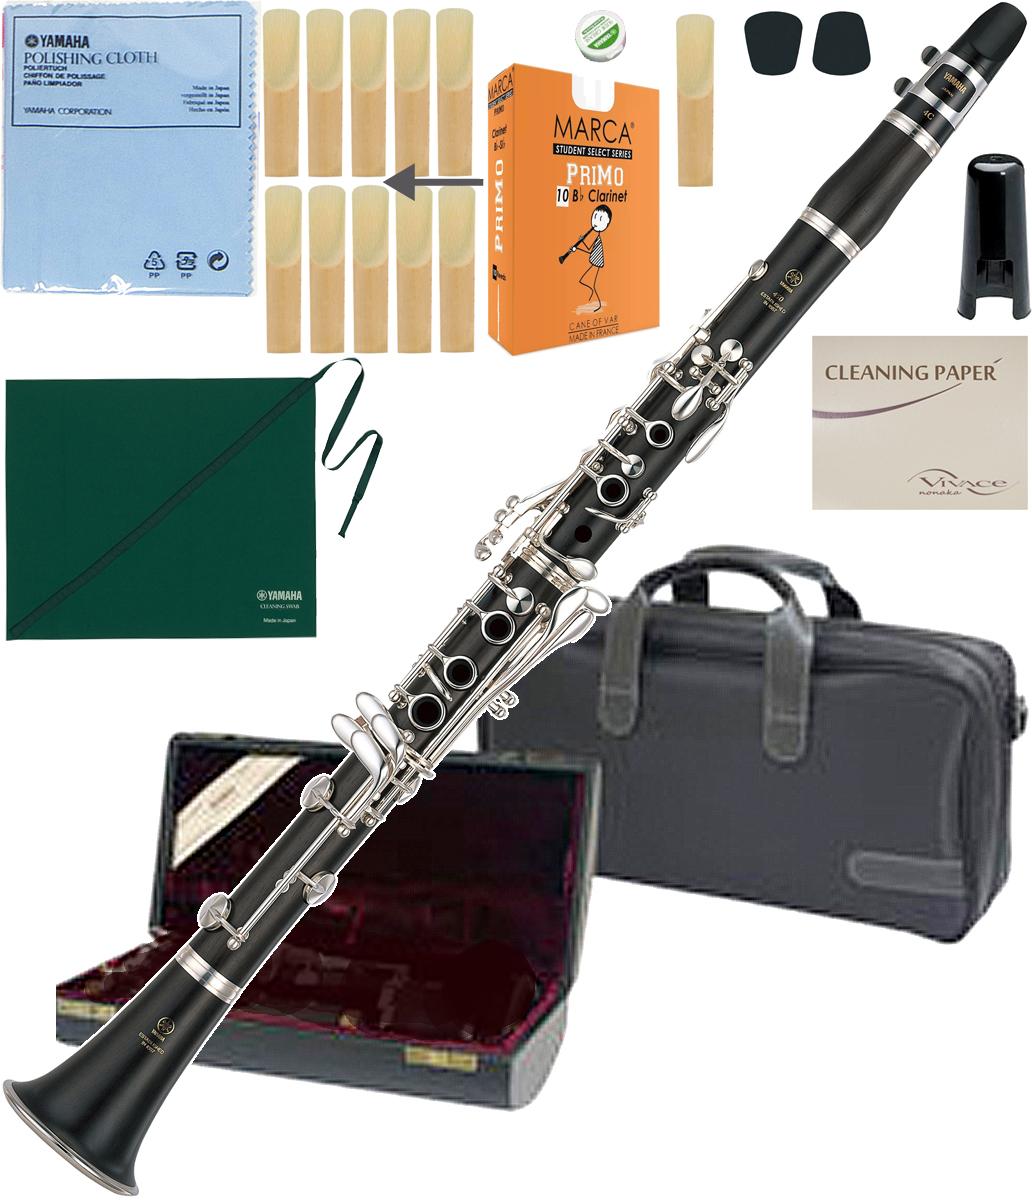 YAMAHA ( ヤマハ ) YCL-450 クラリネット 木製 正規品 グラナディラ B♭ 日本製 管楽器 Bb clarinet セット C 北海道 沖縄 離島不可